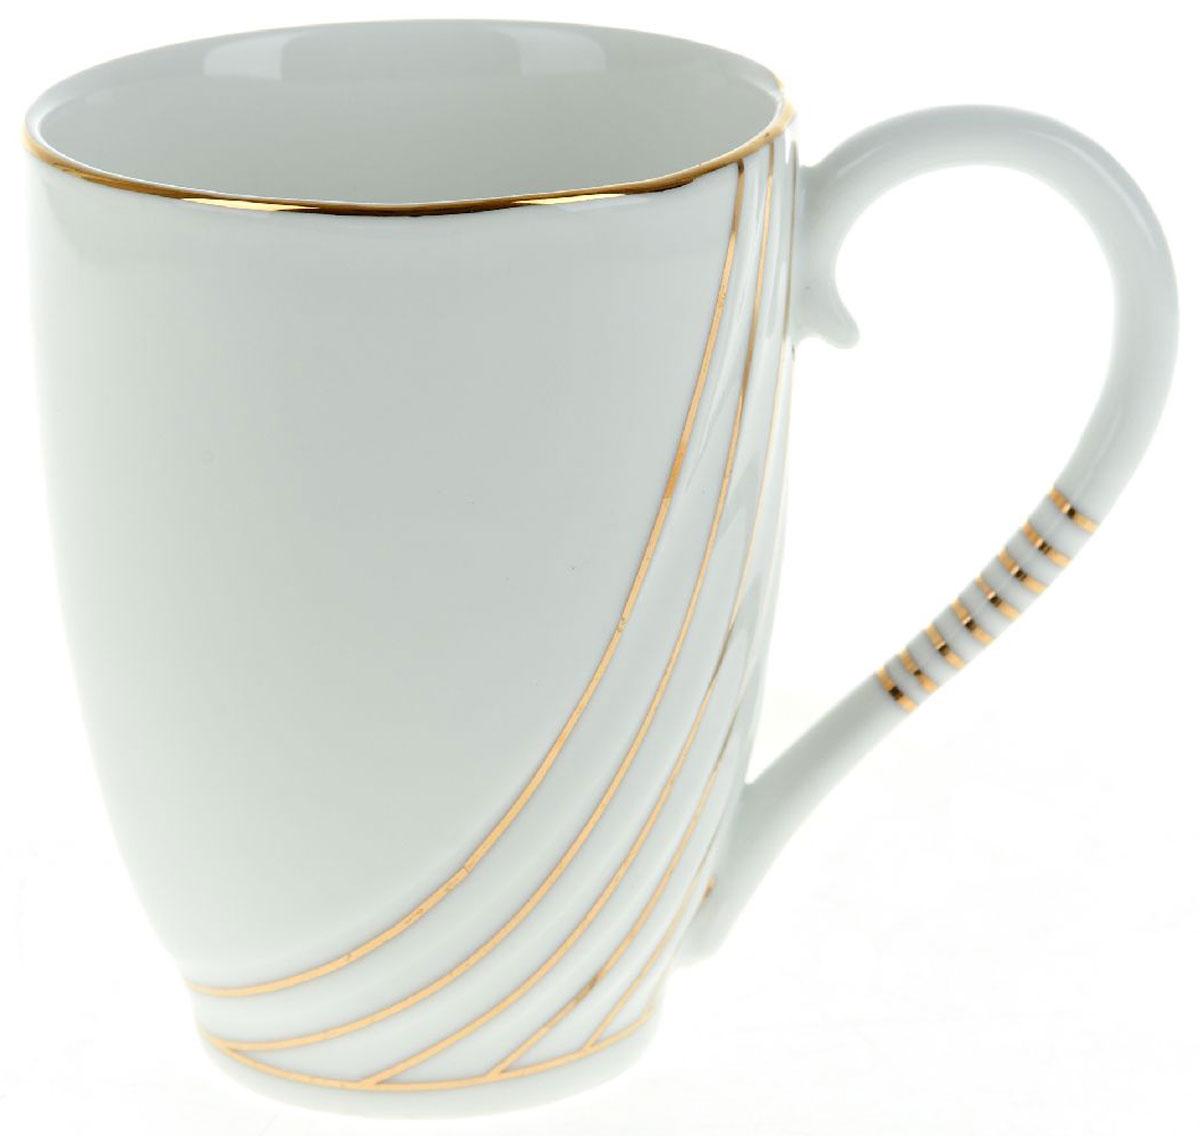 Кружка BHP Грация, 320 млM1490112Оригинальная кружка Best Home Porcelain, выполненная из высококачественного фарфора, сочетает в себе простой, утонченный дизайн с максимальной функциональностью. Оригинальность оформления придутся по вкусу тем, кто ценит индивидуальность. В комплект входит кружка. Можно использовать в ПММ.